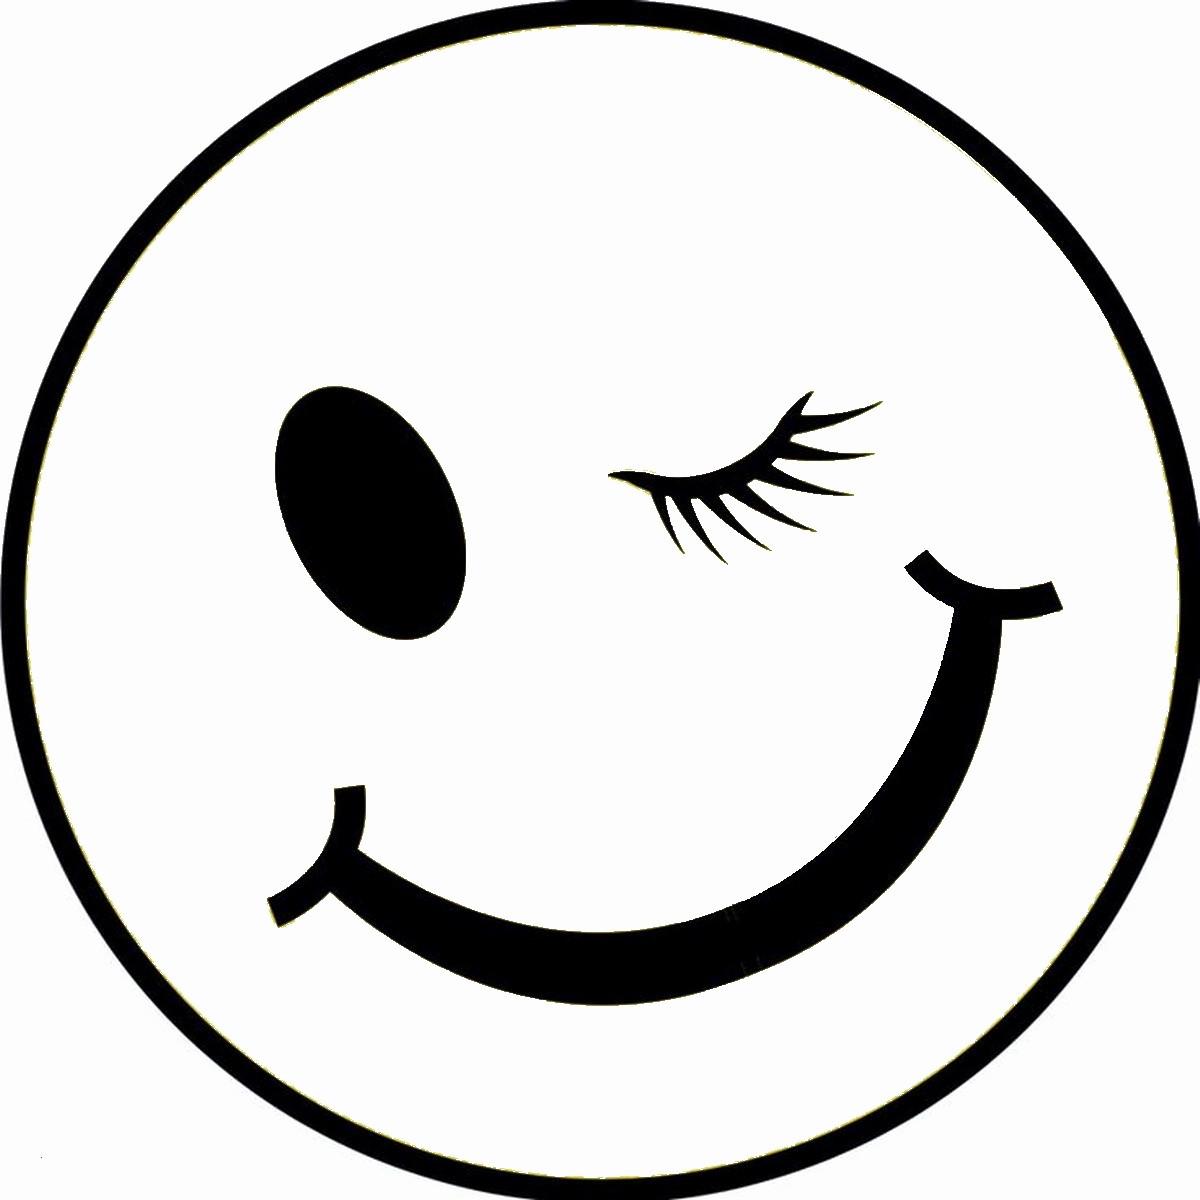 Emojis Zum Ausmalen Genial Emojis Zum Ausmalen Neueste Modelle 38 Malvorlagen Tiger Bild